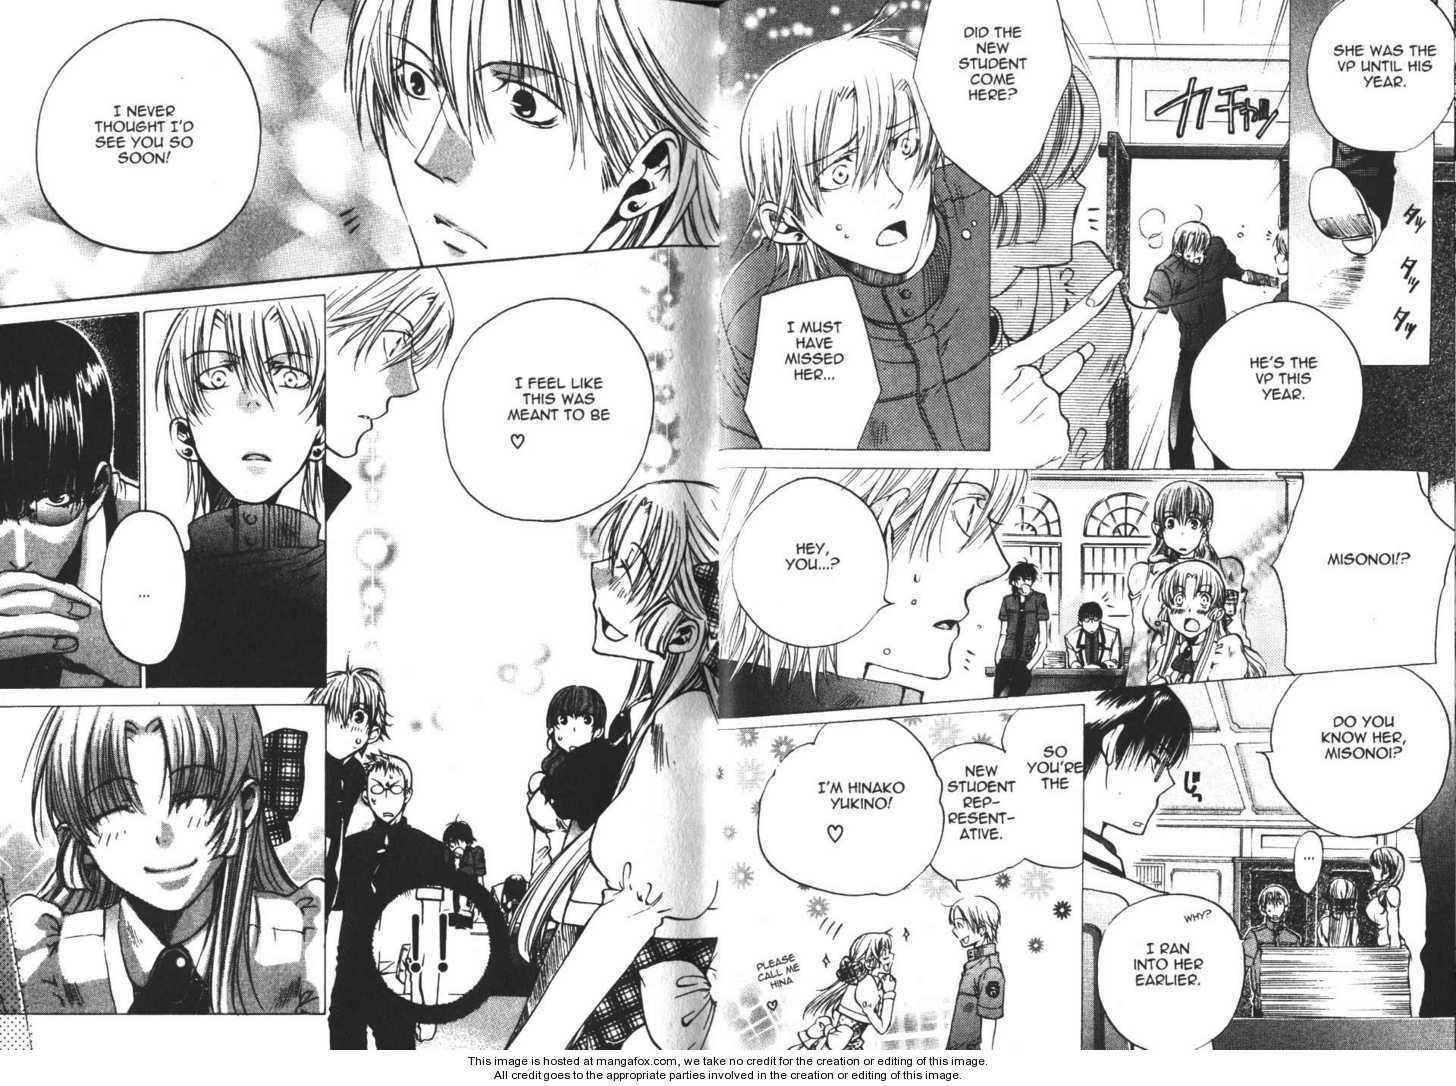 Seiryou Saikyou Monogatari 10 Page 2